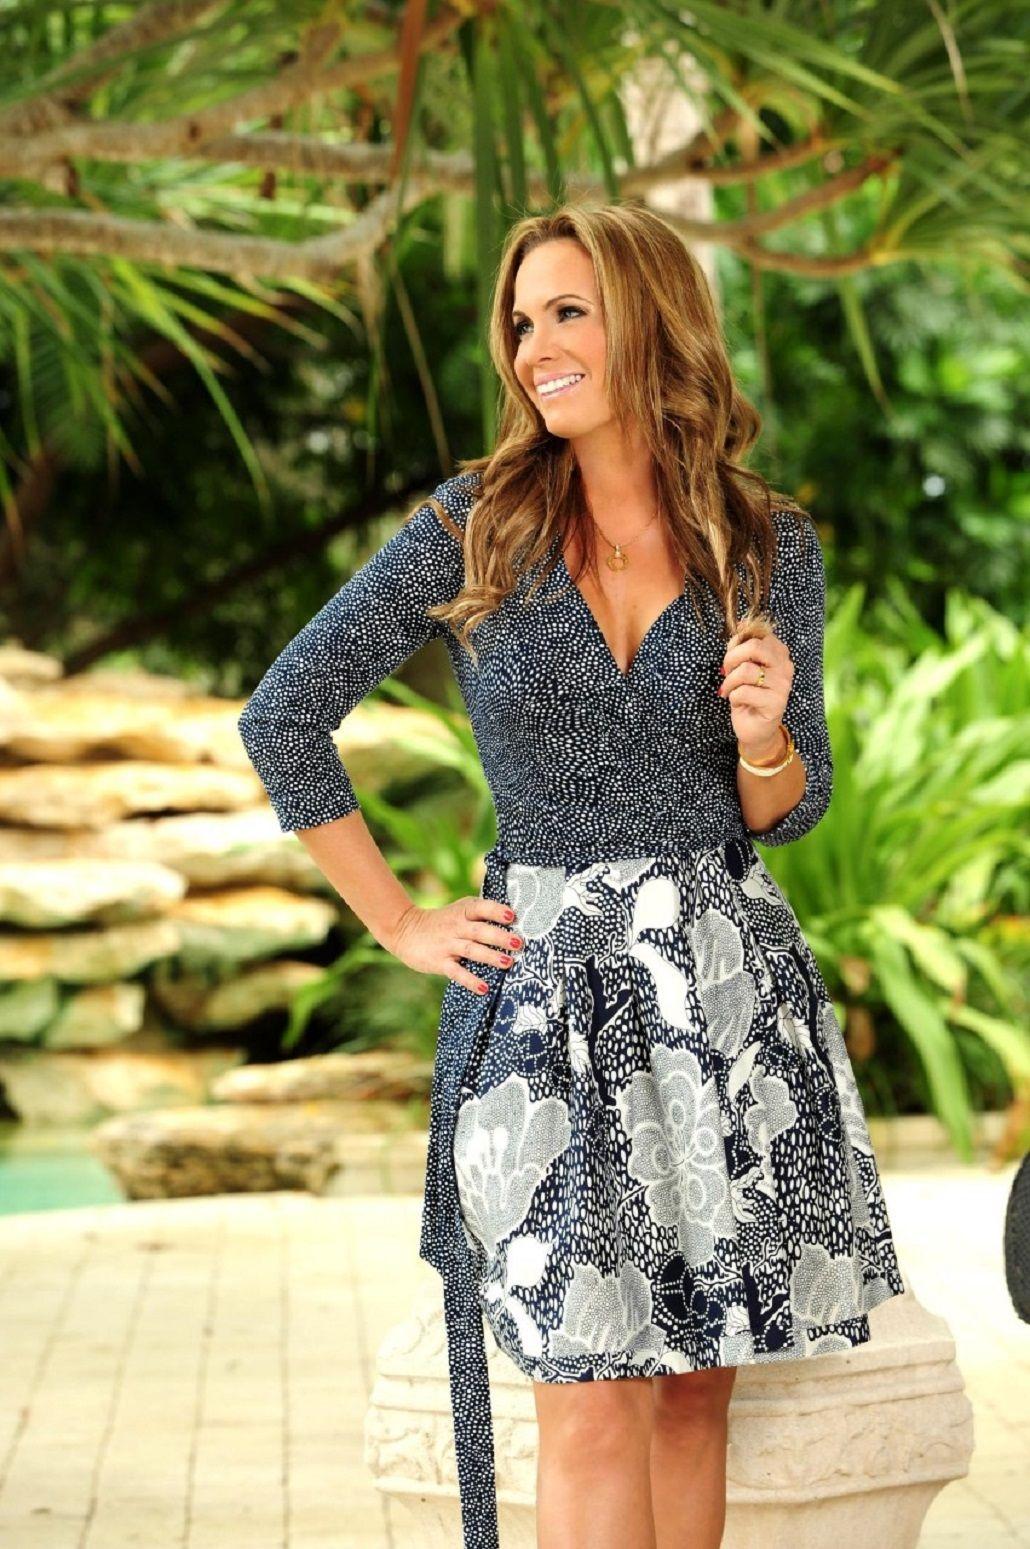 La nueva vida de Natalia Denegri: es actriz y conductora de TV en Miami